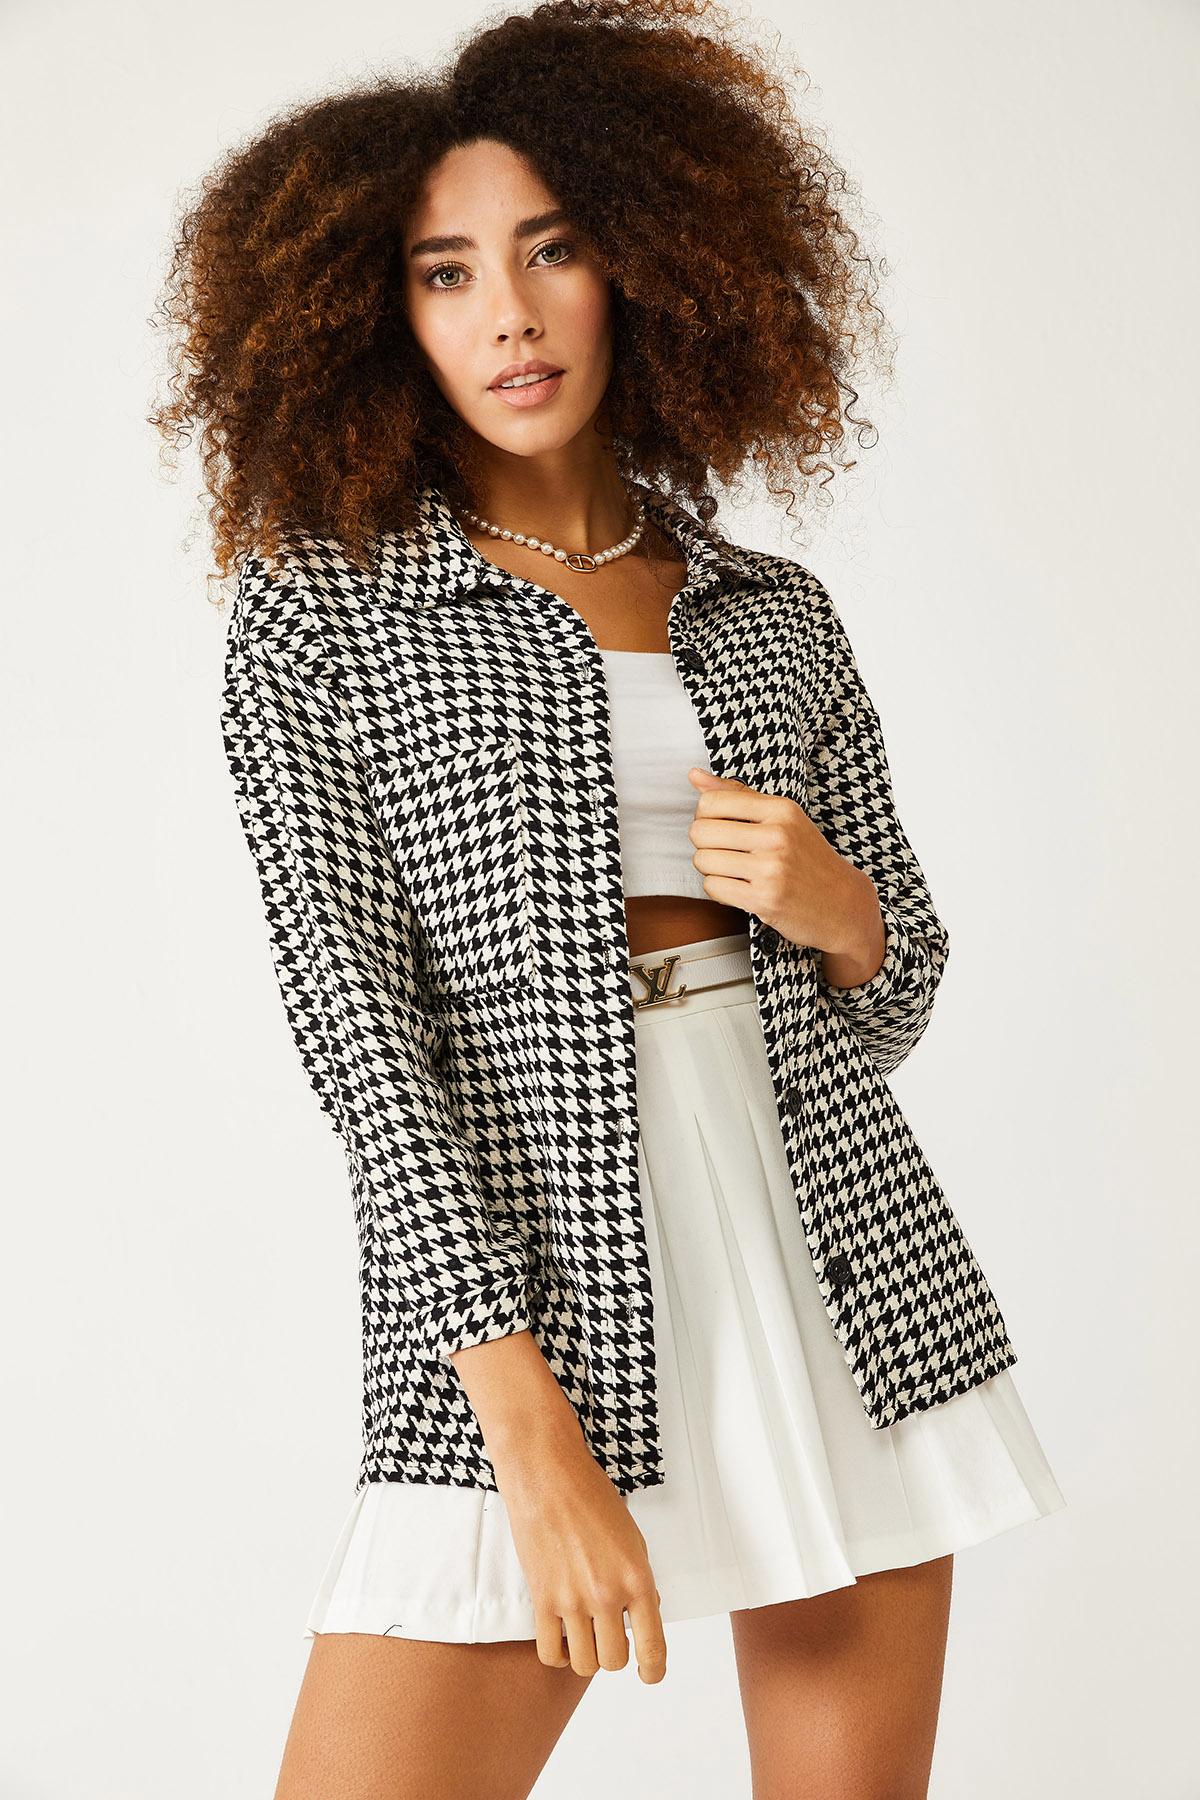 XHAN - Beyaz & Siyah Kazayağı Desenli Yünlü Ceket Gömlek 1KXK2-44432-01